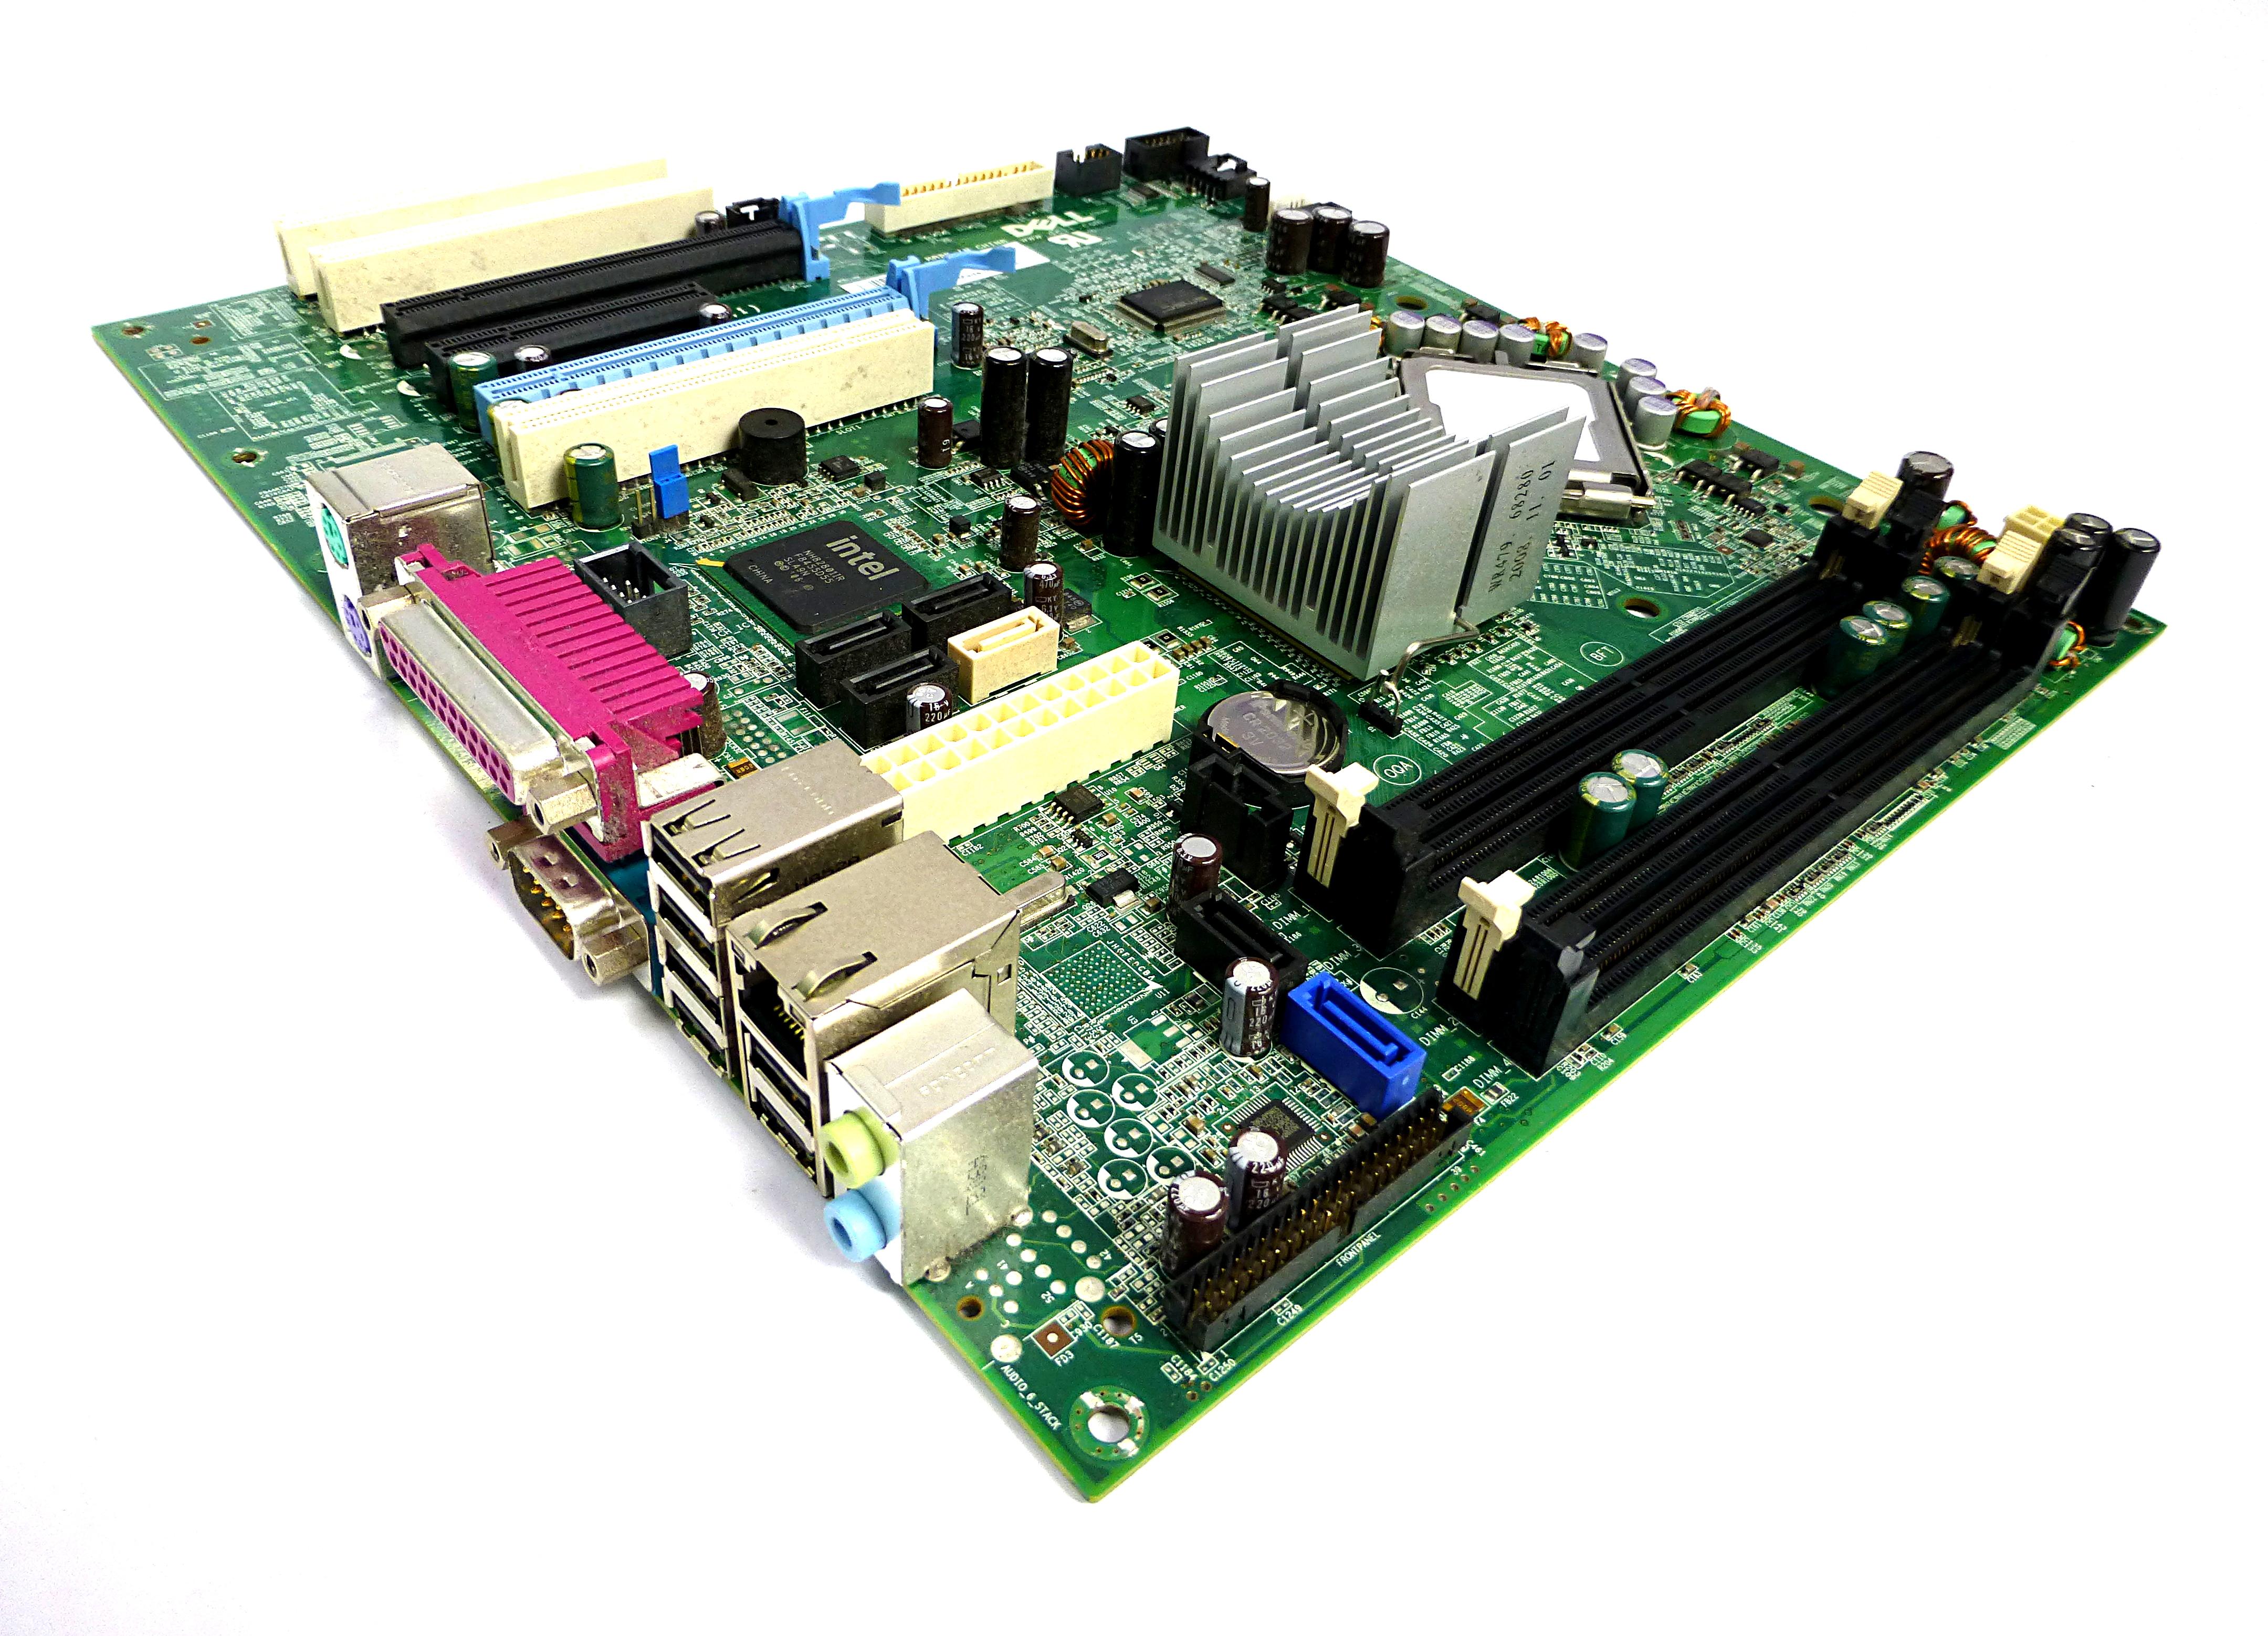 Dell TP412 0TP412 Precision T3400 Workstation Socket 775 Motherboard